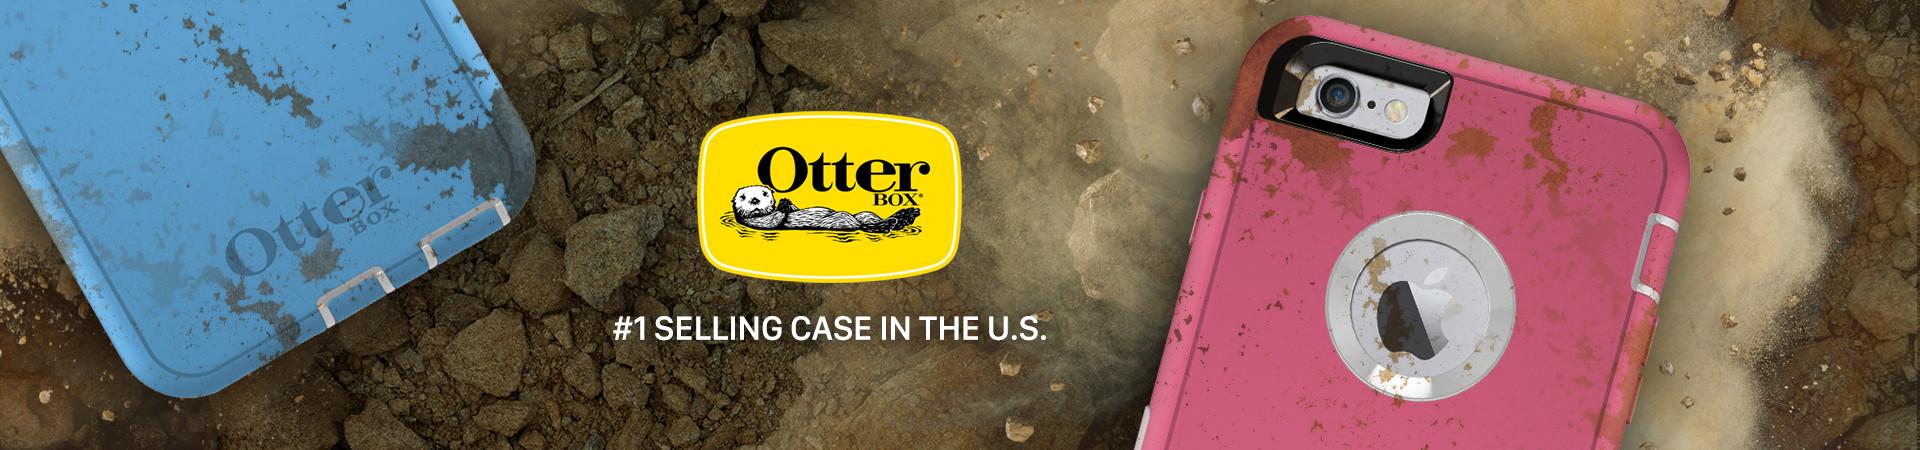 otter-box-commuter-banner-pic1.jpg